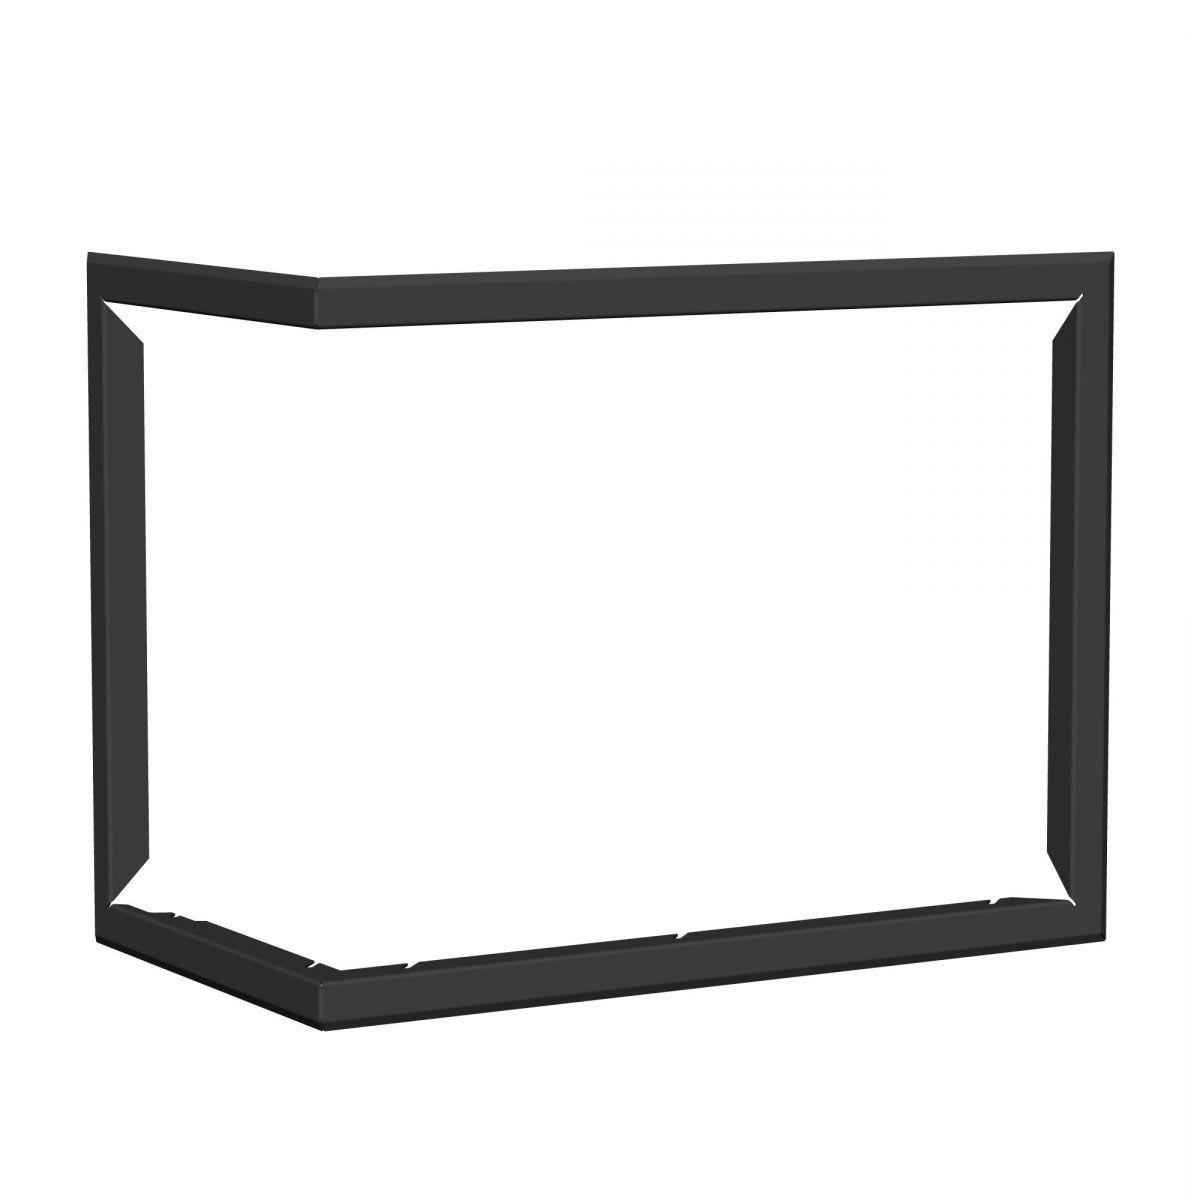 Blendrahmen für Kaminofen Tesko - Ausführung: Links - Farbe: Schwarz